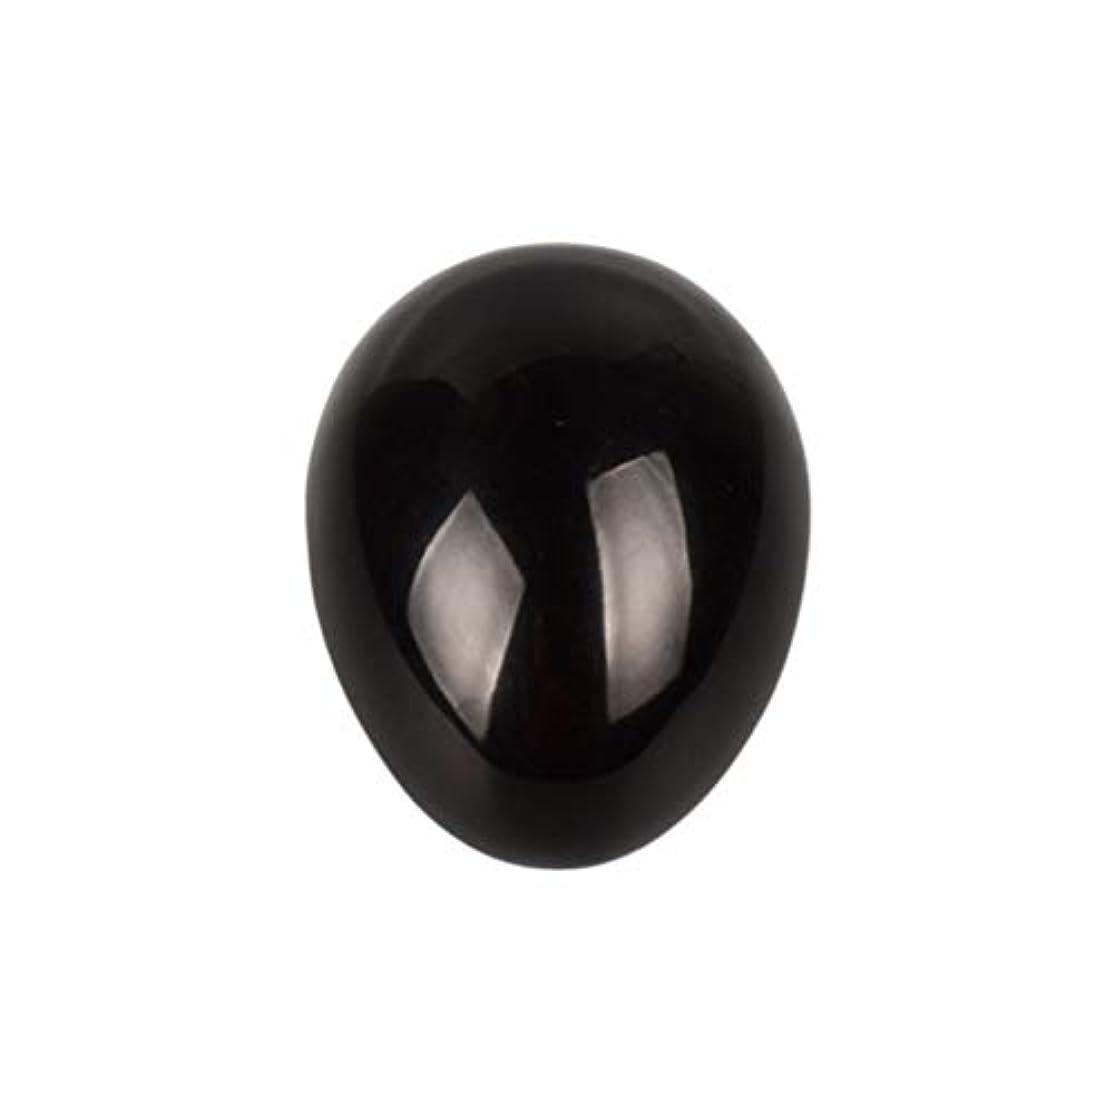 解明する放送フライトROSENICE 瞑想チャクラバランスのための黒曜石の卵の球